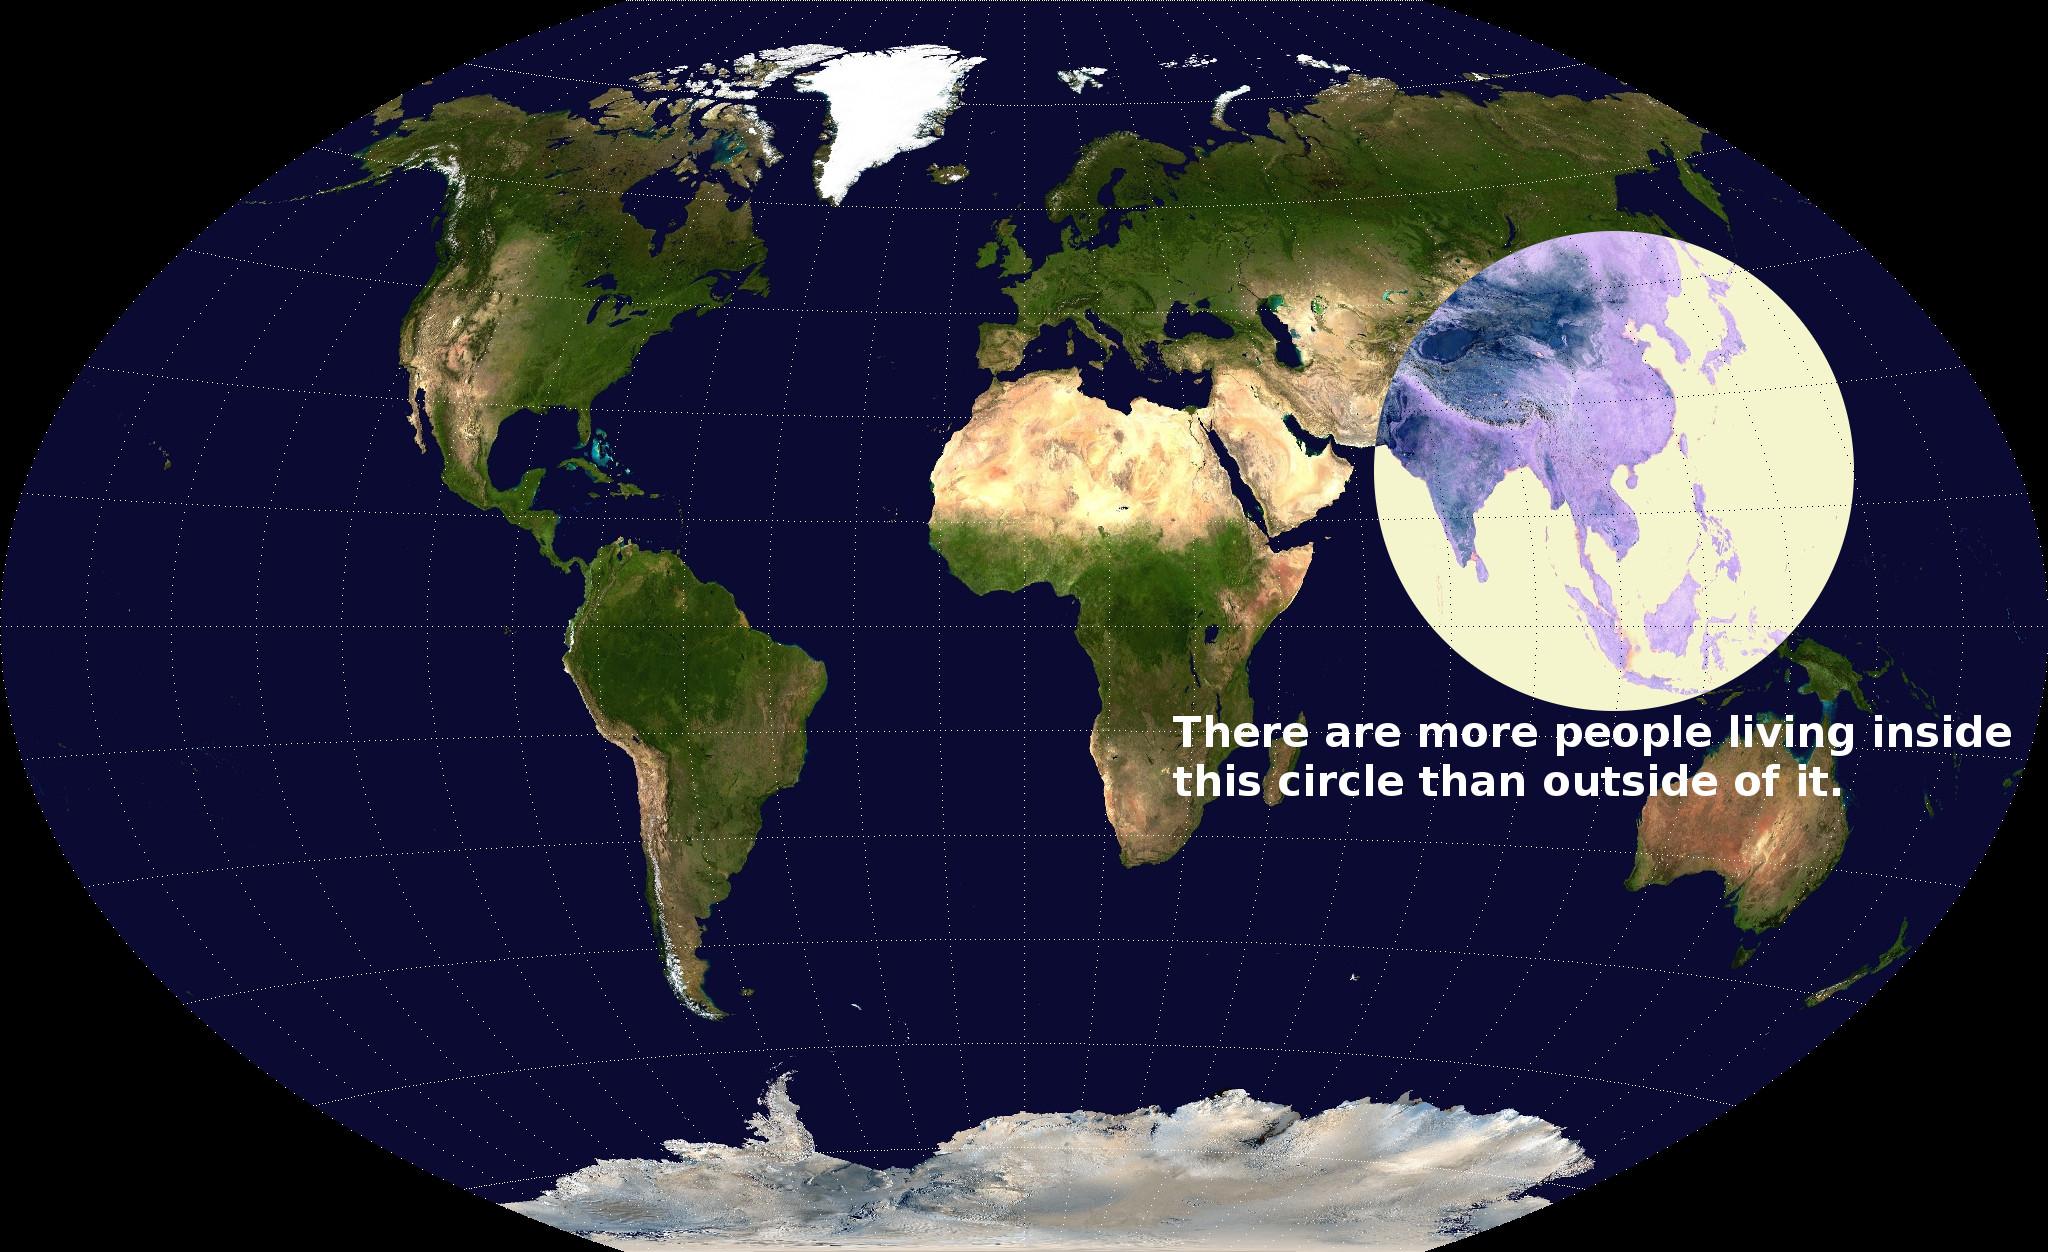 La popolazione mondiale che abita all'interno del cerchio e maggiore di quella che sta fuori. Tra l'altro, sempre nel cerchio, c'è la montagna più alta del mondo (Everest), la fossa oceanica più profonda (Fossa delle Marianne) (via Brilliant Maps)